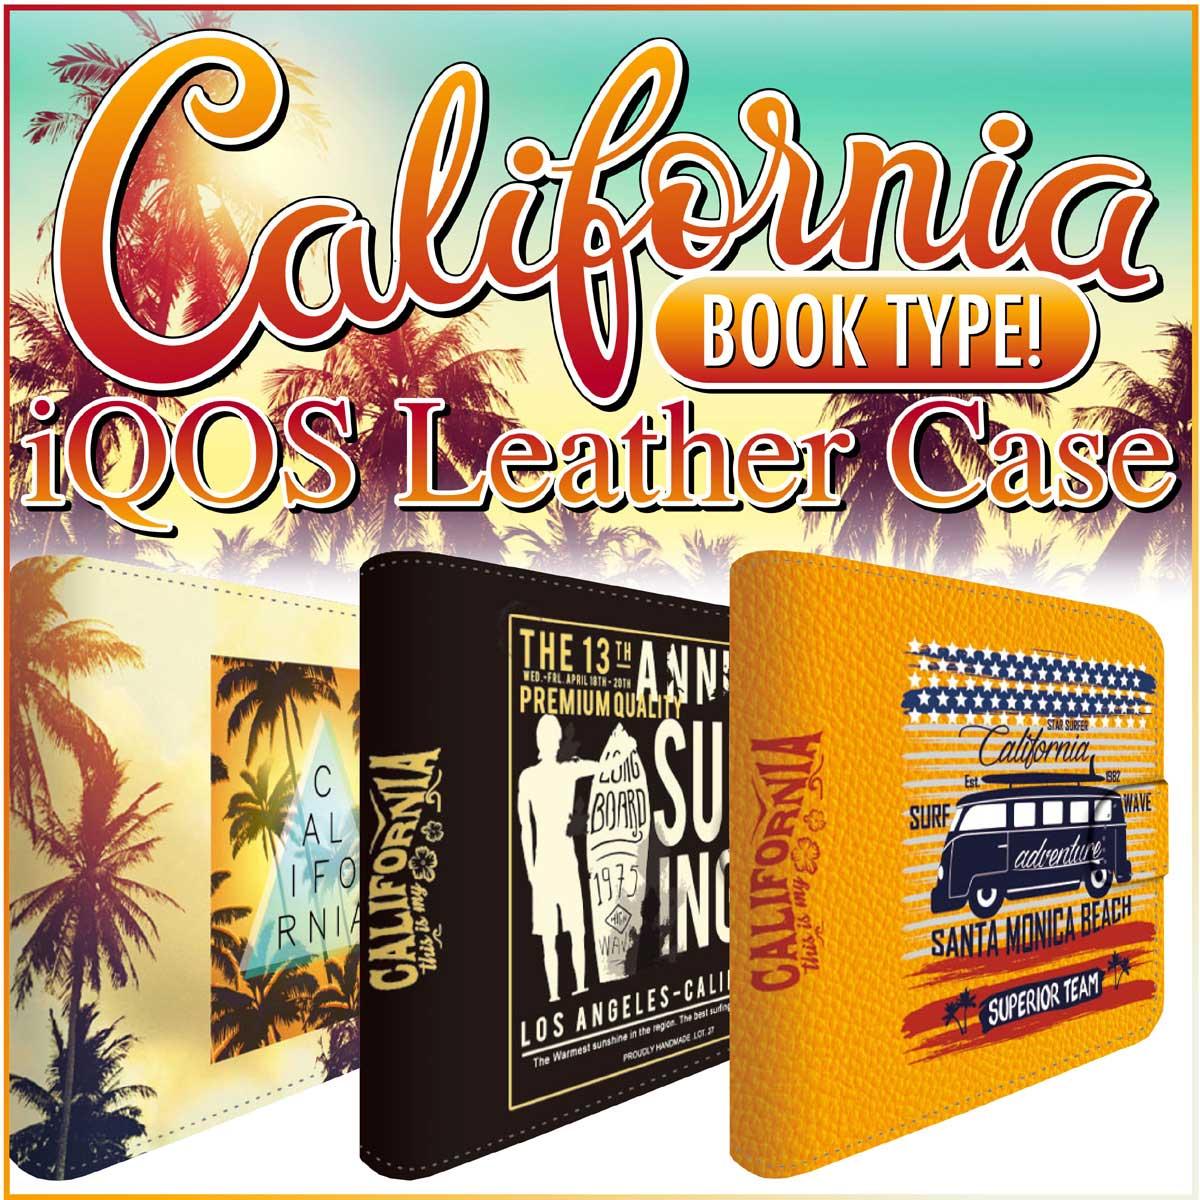 アイコスケース iQOS アイコス 専用 ケース カバー 合皮 レザー ケース ストラップ付 クリーナー ヒートスティック 収納 iCOSケース アイコスカバー iCOSカバー シンプル おしゃれ 革 人気 便利 電子たばこ カリフォルニア iq04-ds007-s